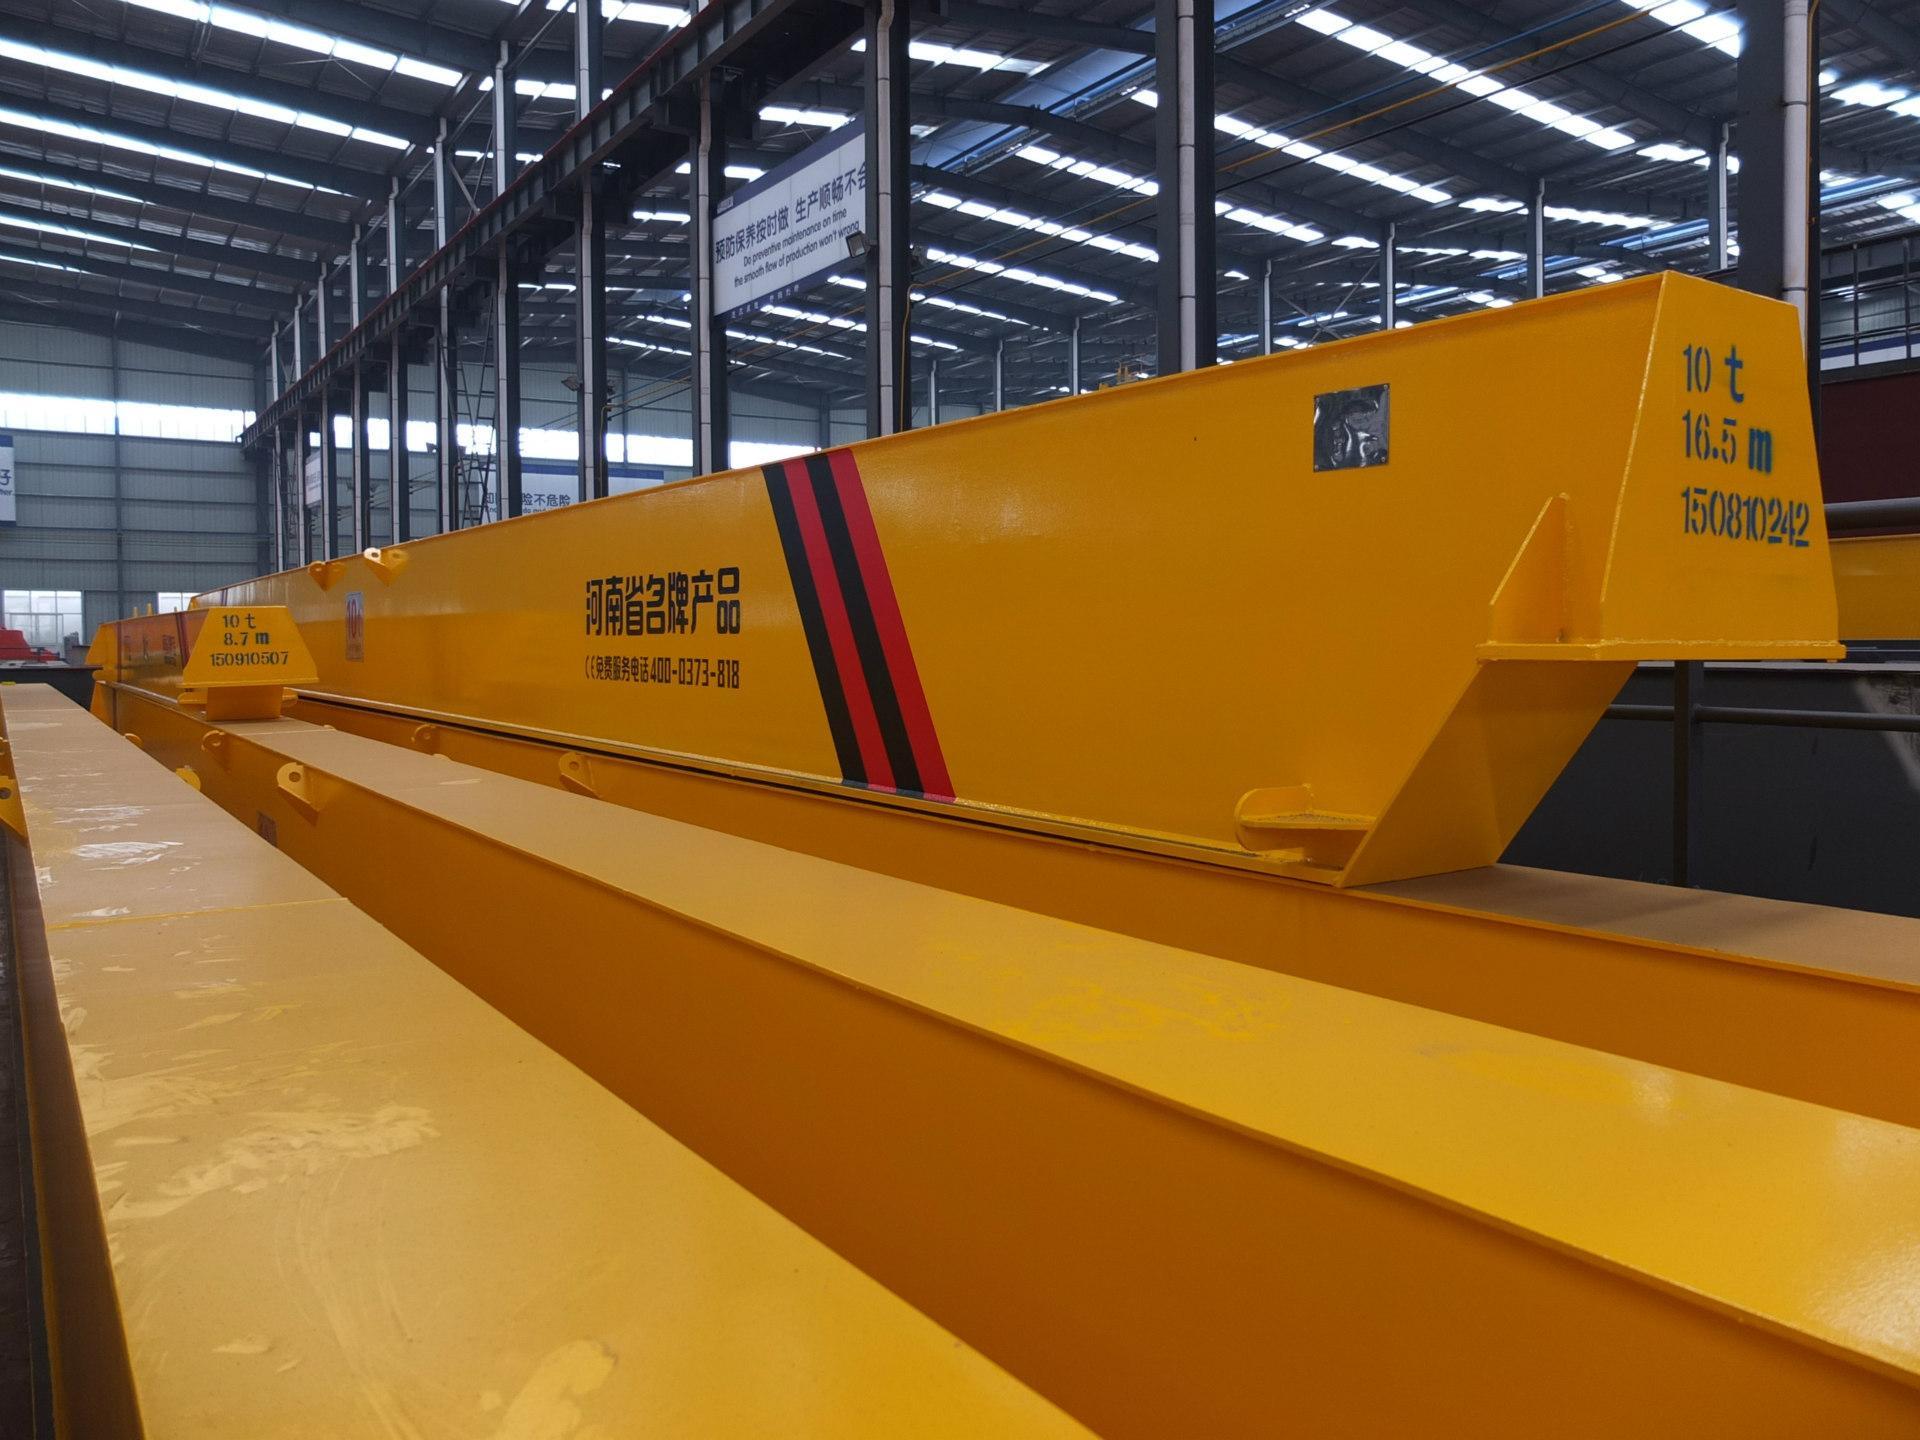 10吨27米电动单梁起重机 LD单梁起重机河南矿山 1